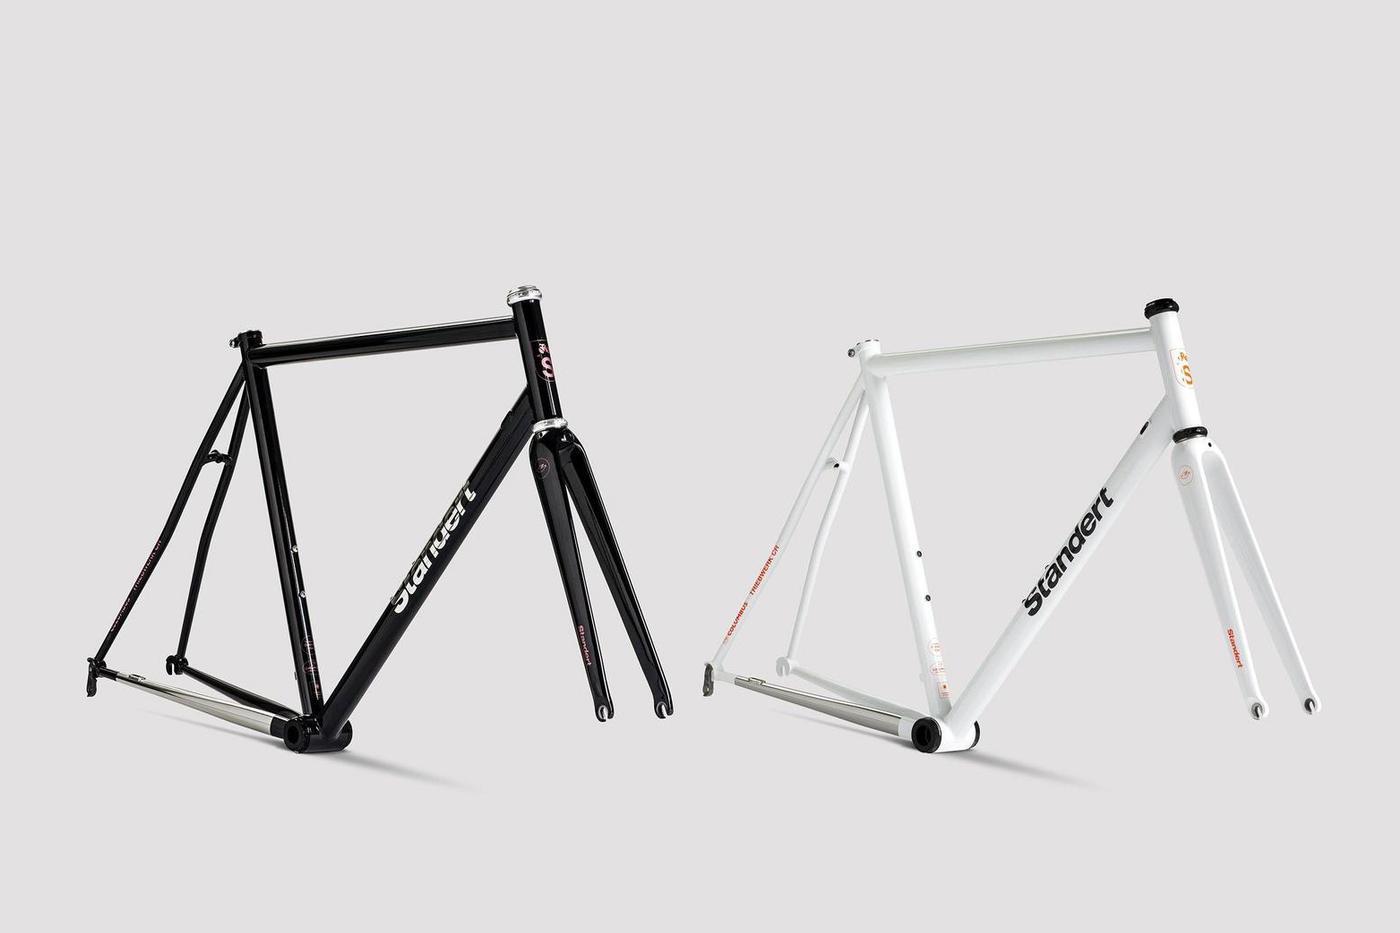 Standert's Triebwerk CR Road Bike